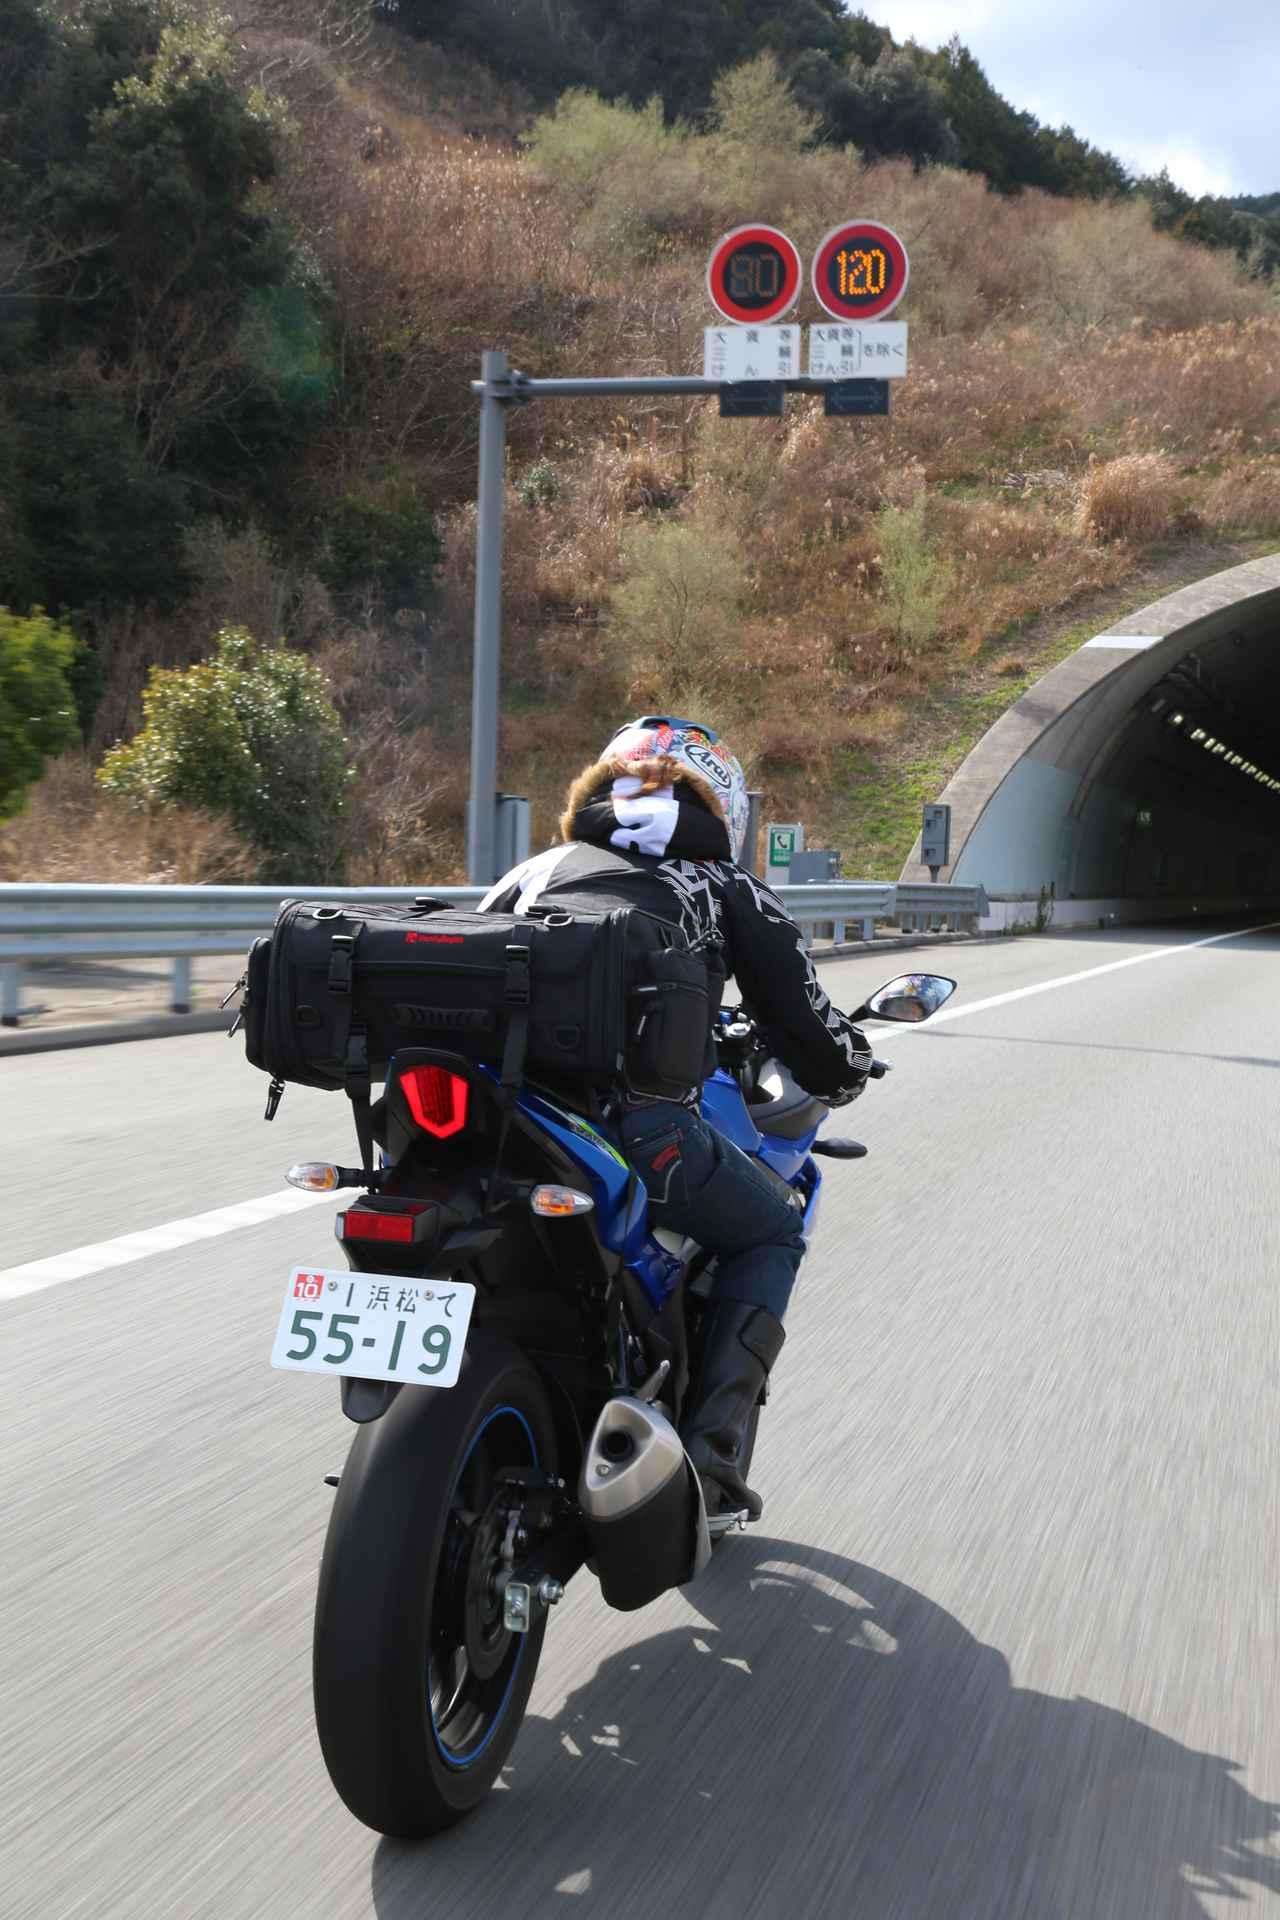 画像2: 「120km/h制限」でも不安なしで走れました!(美優)